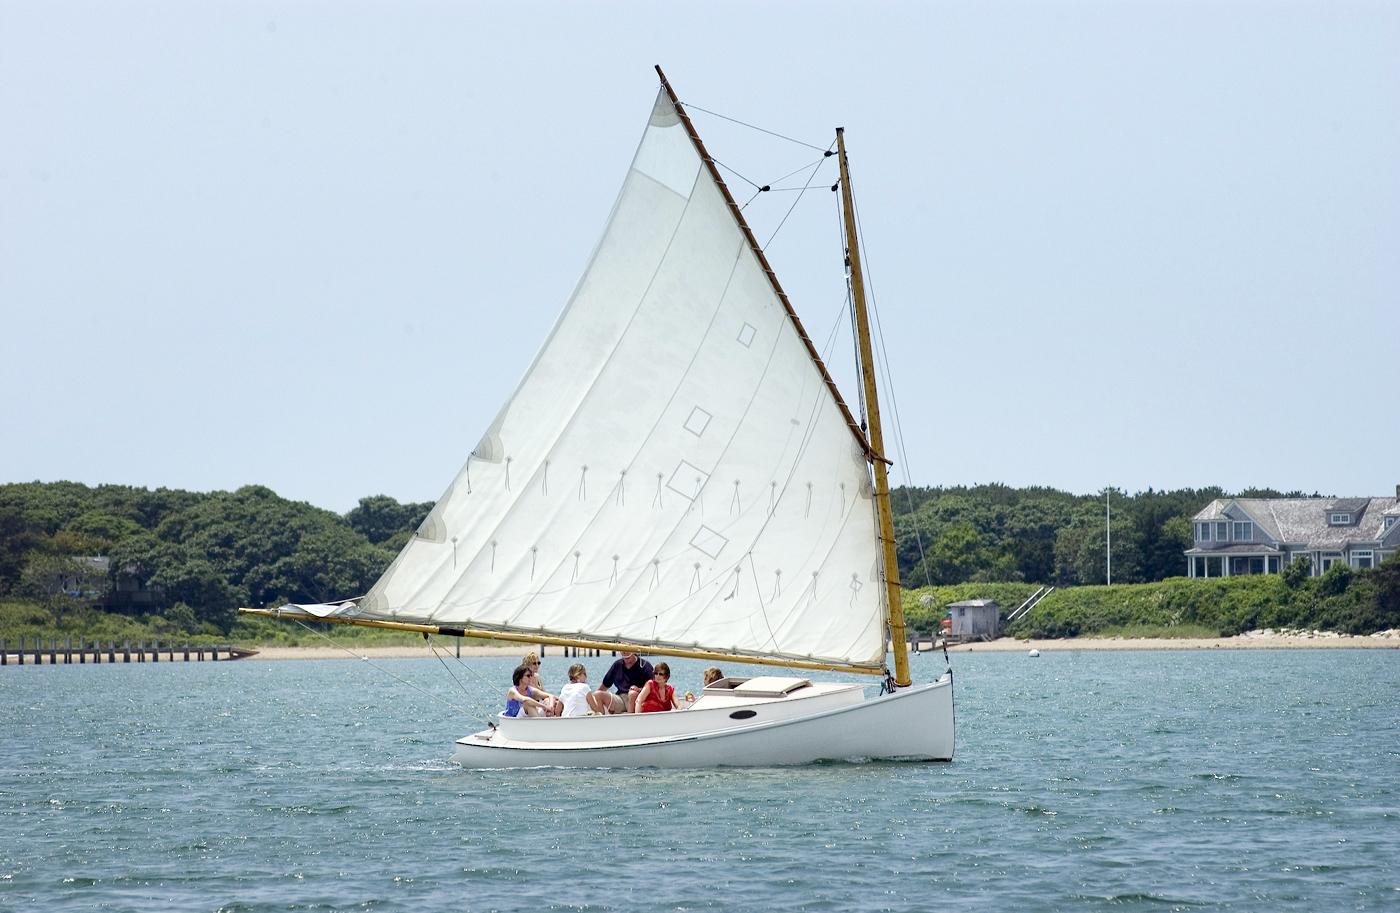 Ein Katboot mit einem Gaffelsegel Foto: Vinyard Times